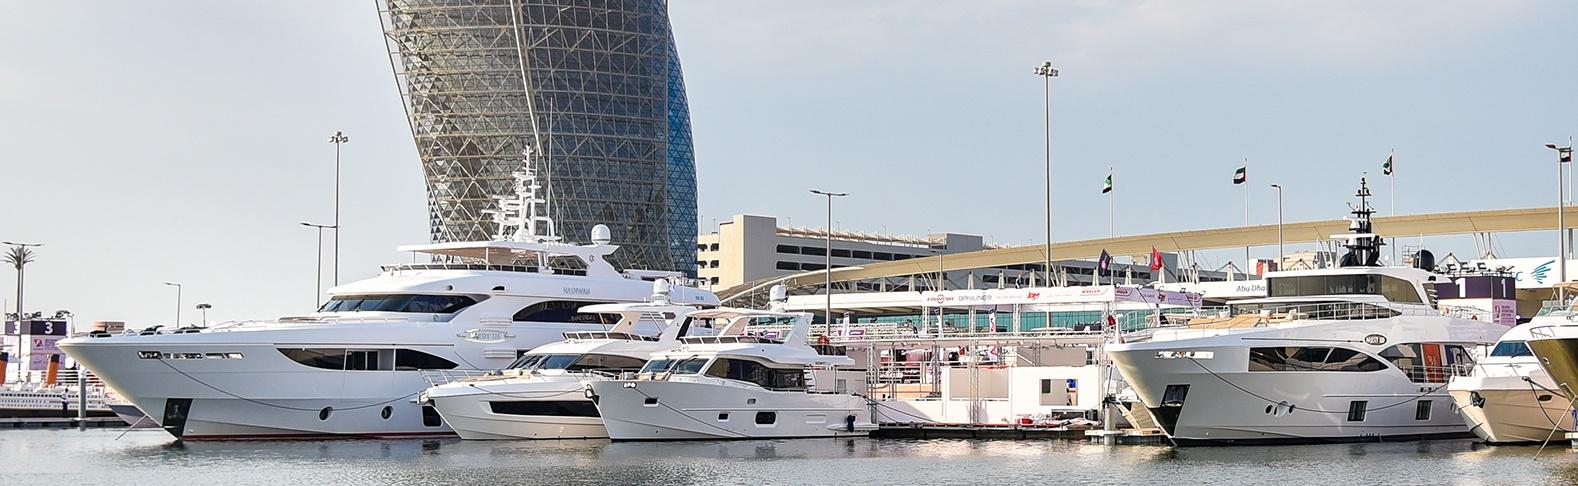 Abu-Dhabi-Boat-Show-2018,-Gulf-Craft-2